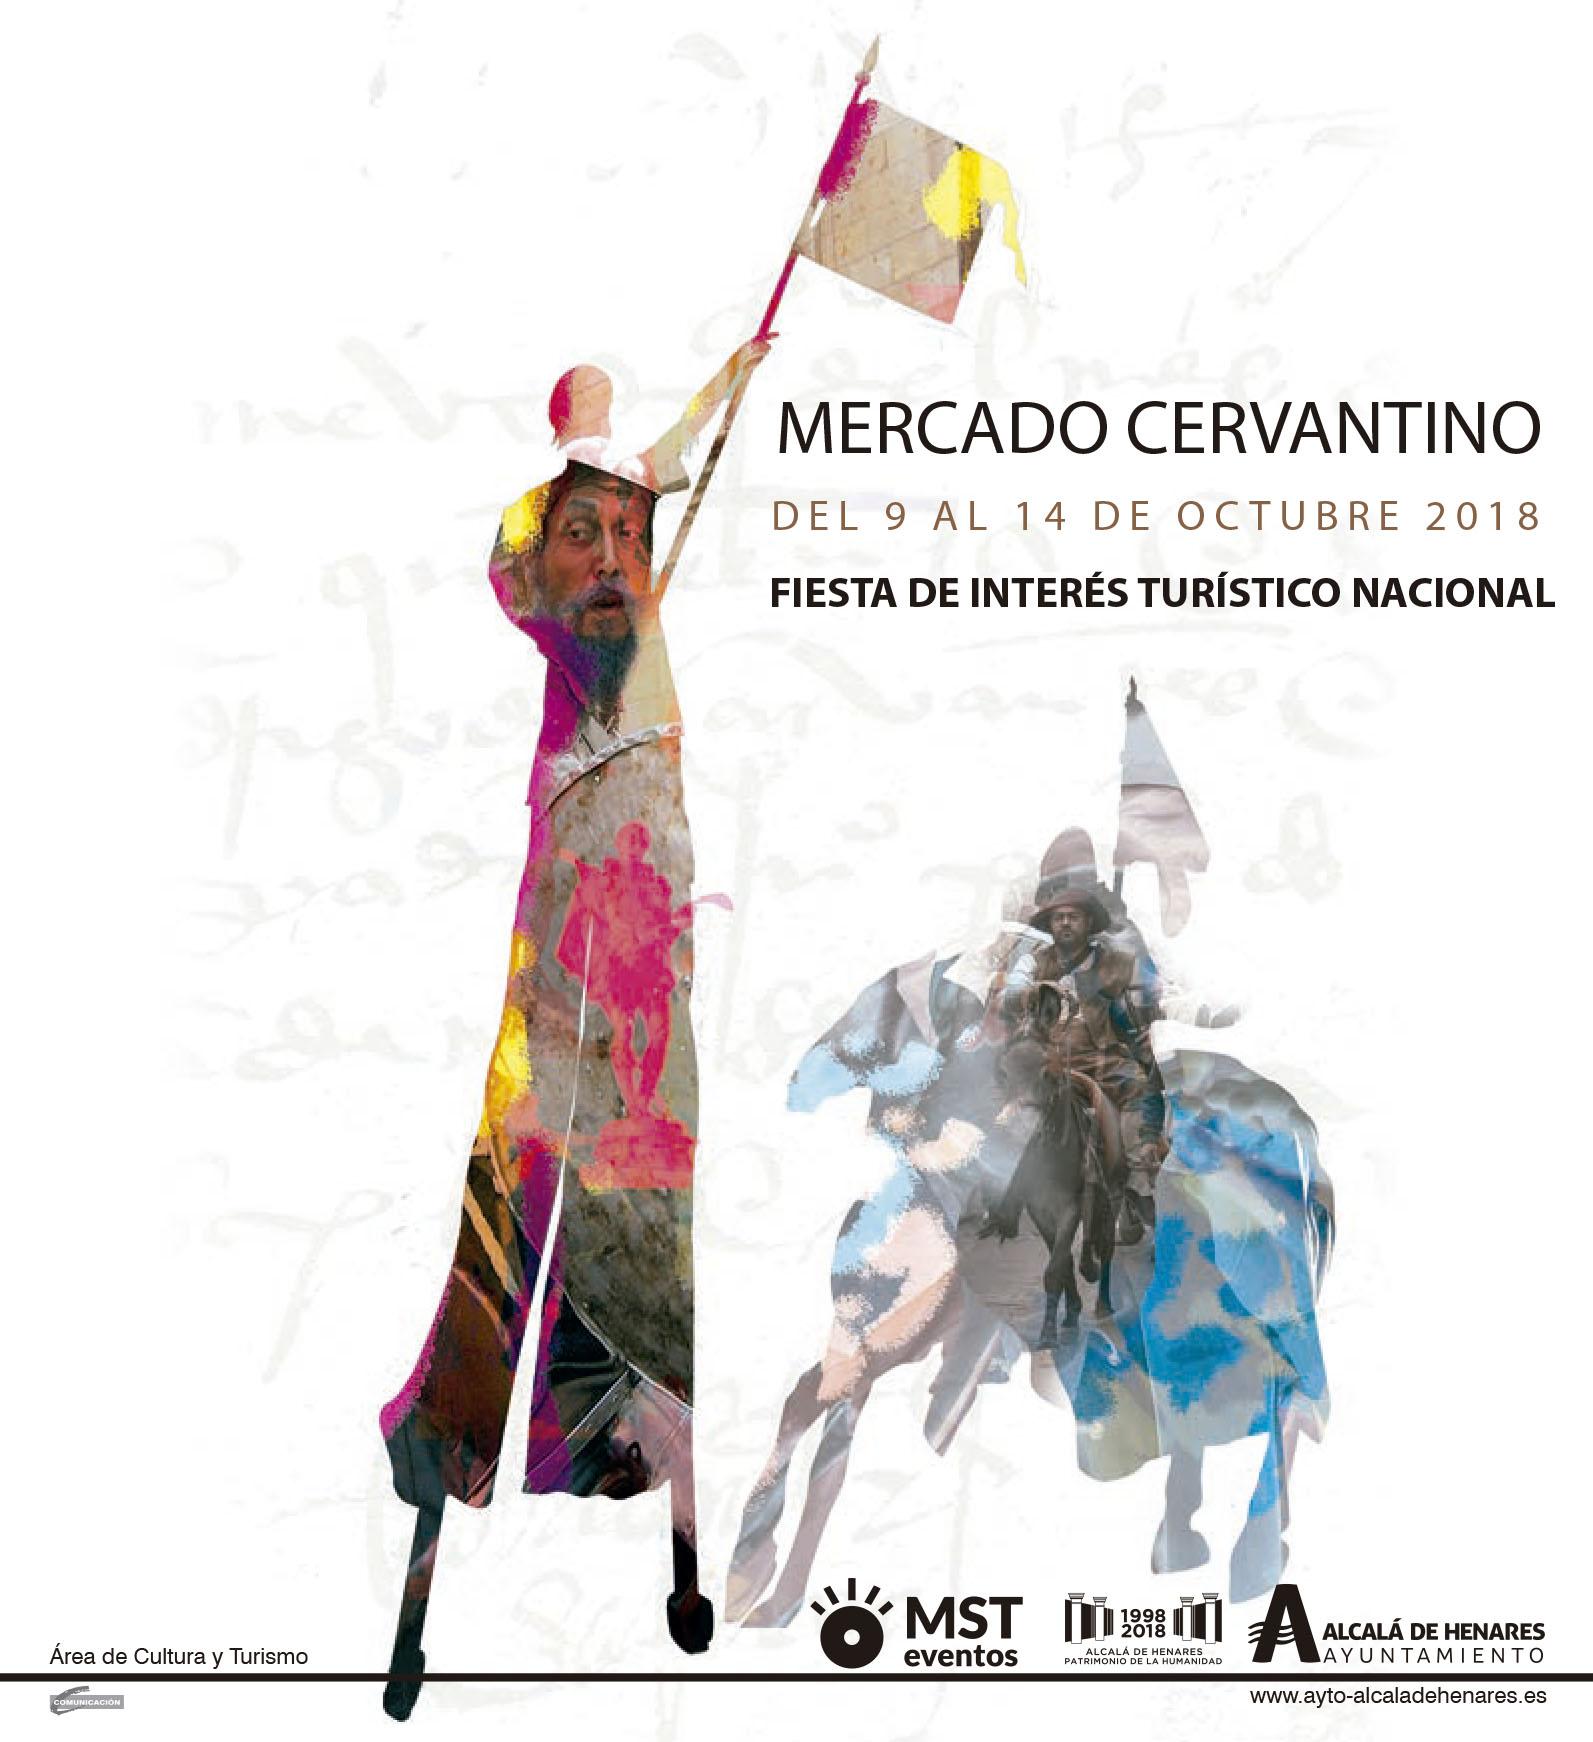 Viking Bad en el Mercado Cervantino de Alcalá de Henares 2018